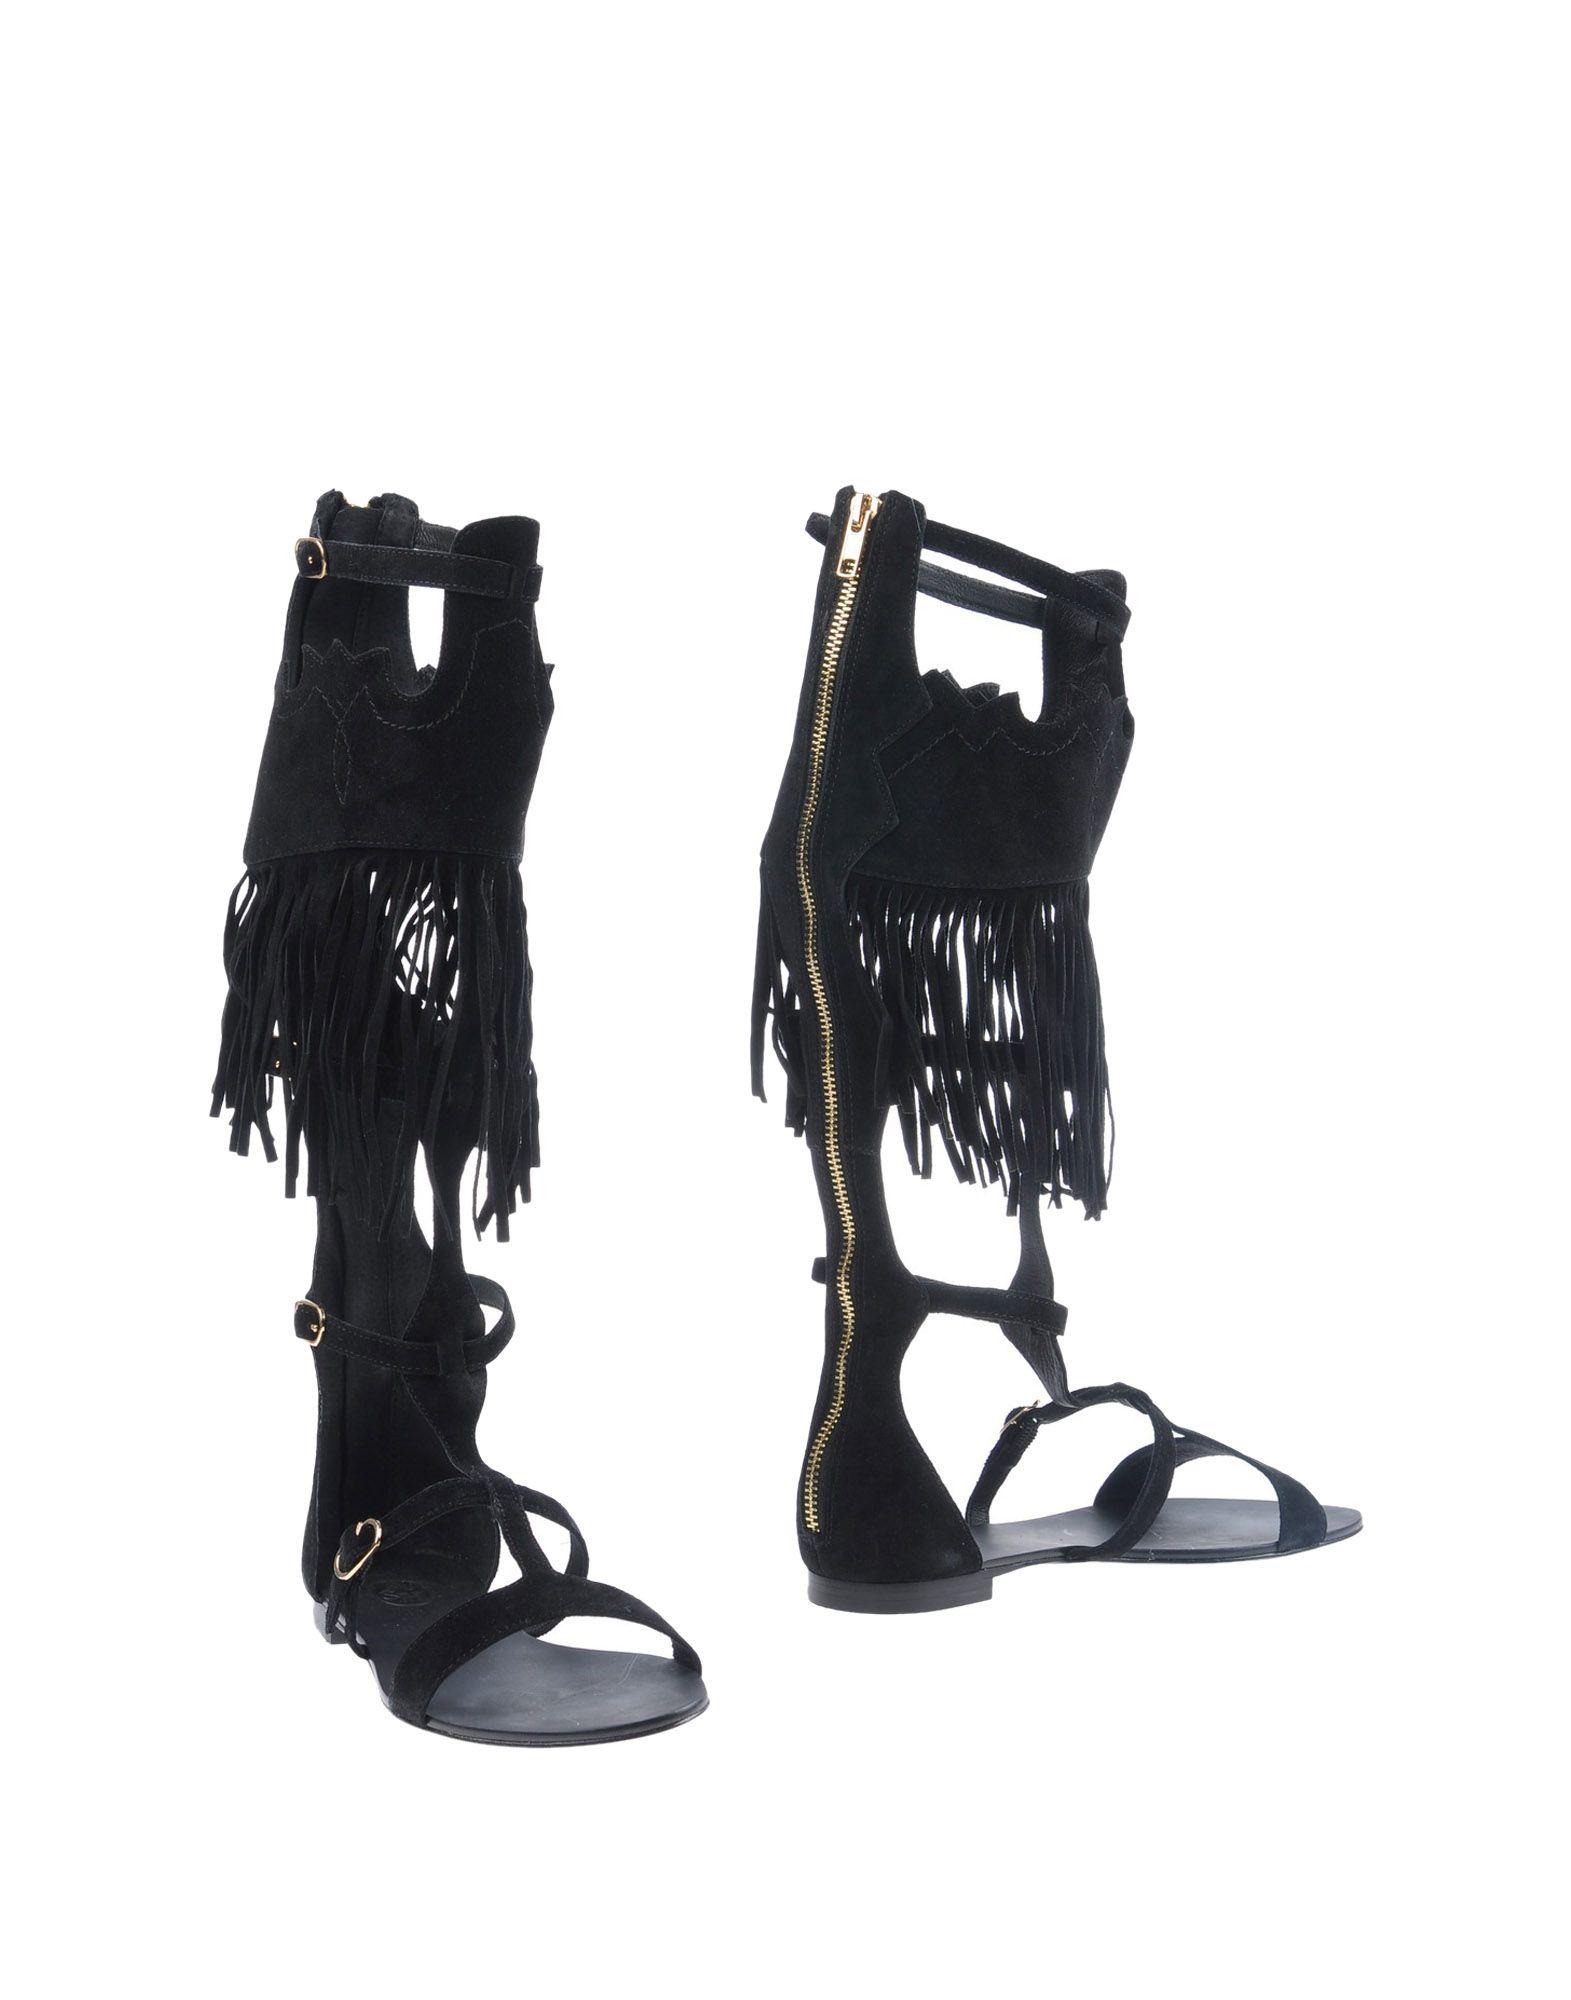 Ash Stiefel Damen  11125212IG Gute Qualität beliebte Schuhe